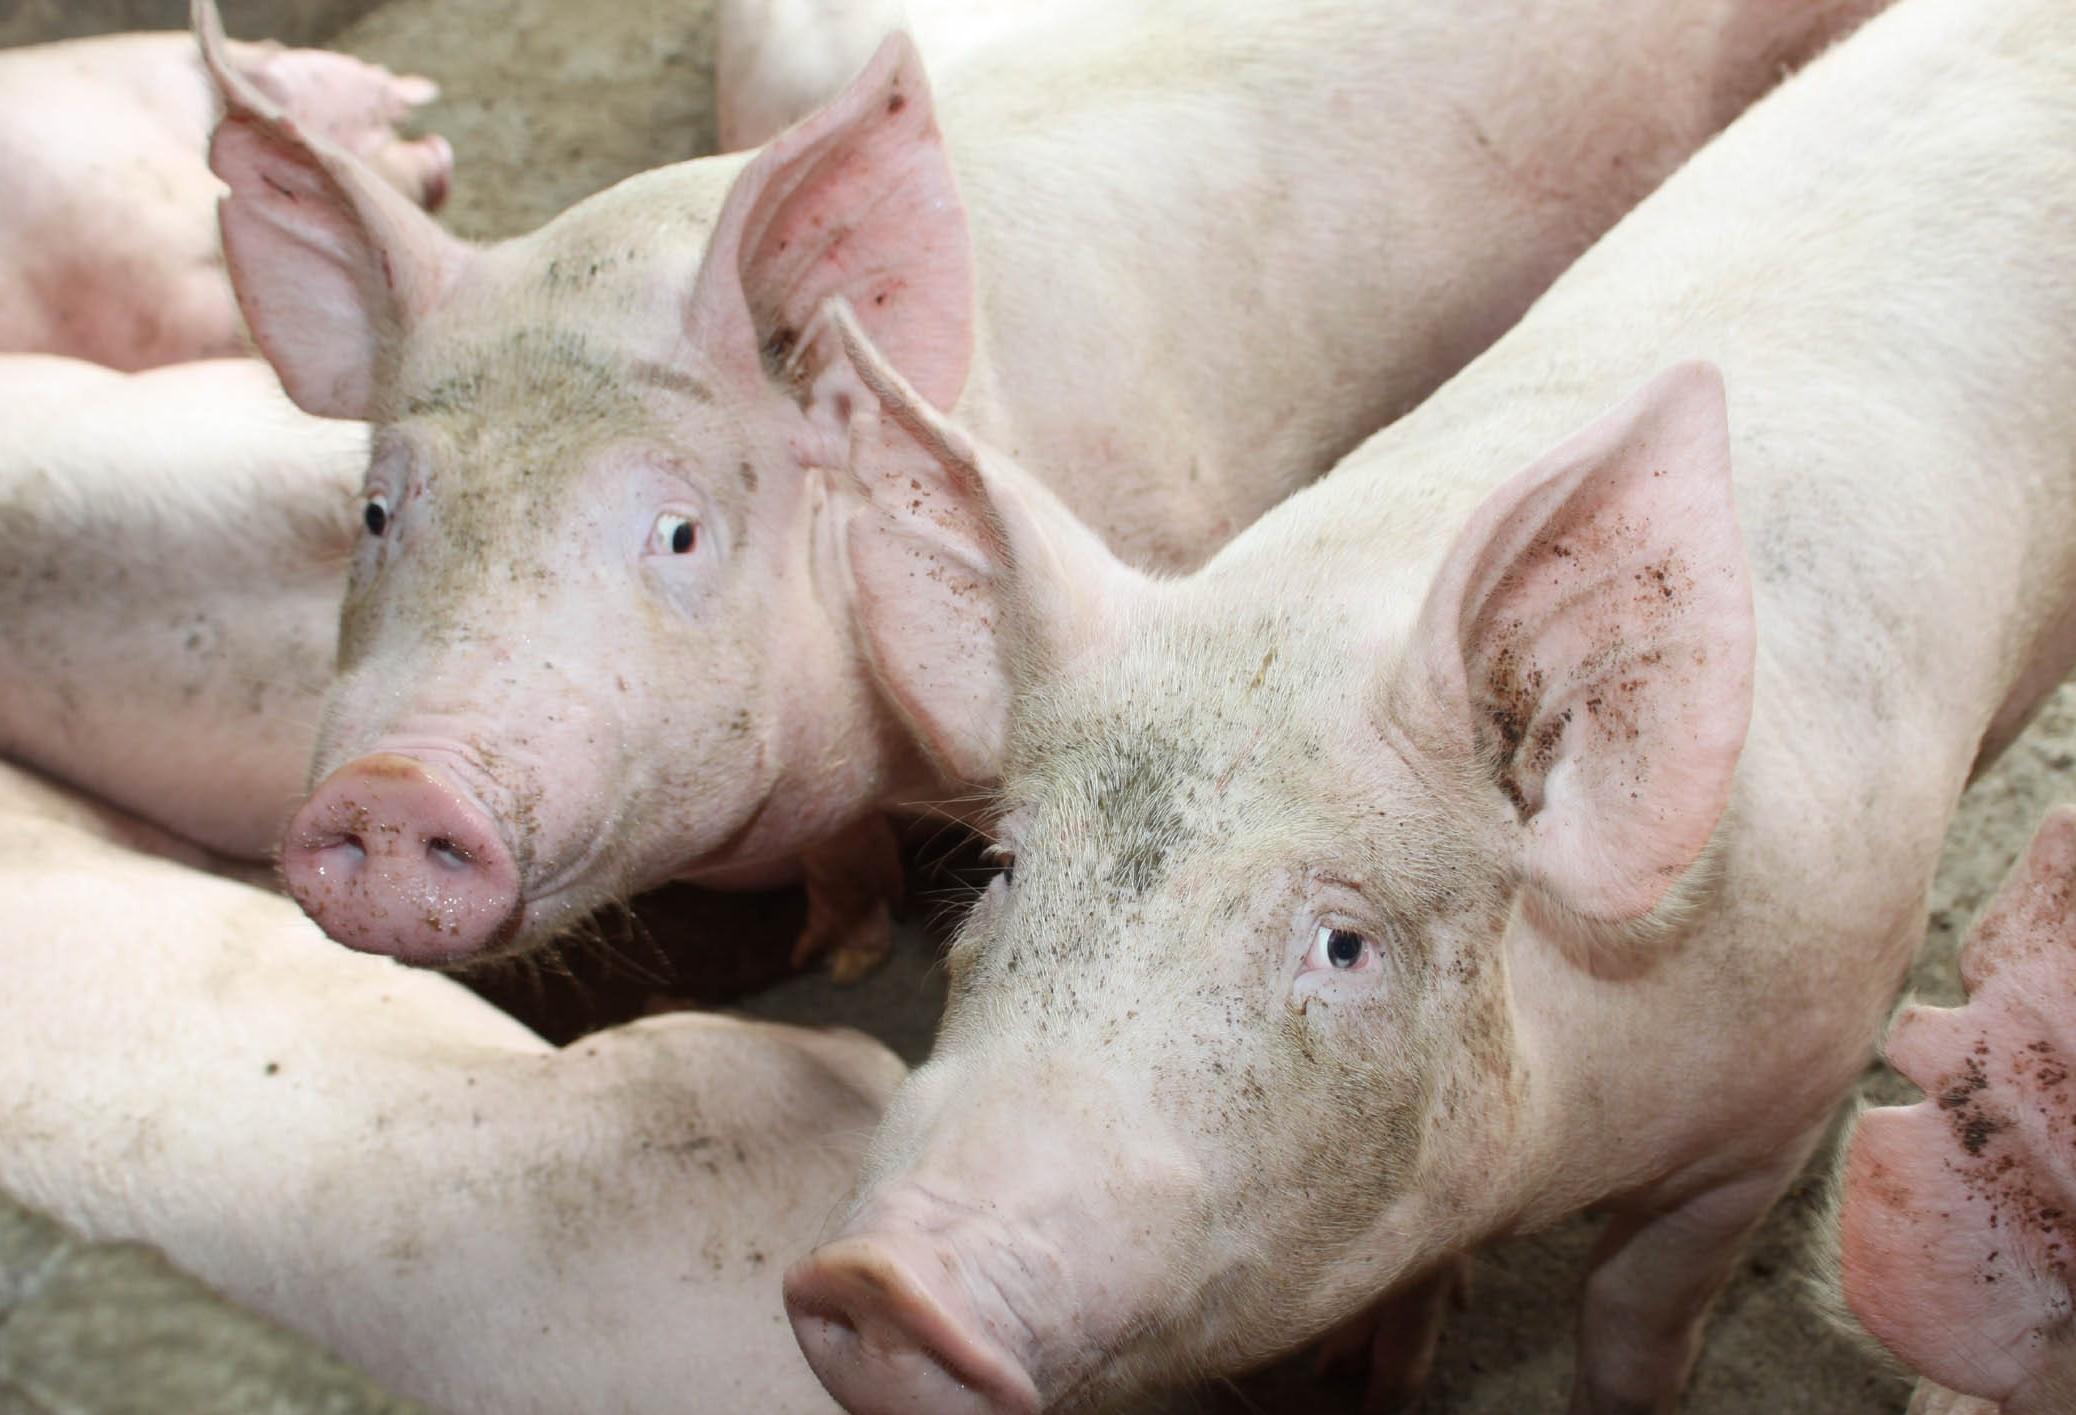 Quilo do suíno custa R$ 4,10 na região de Maringá